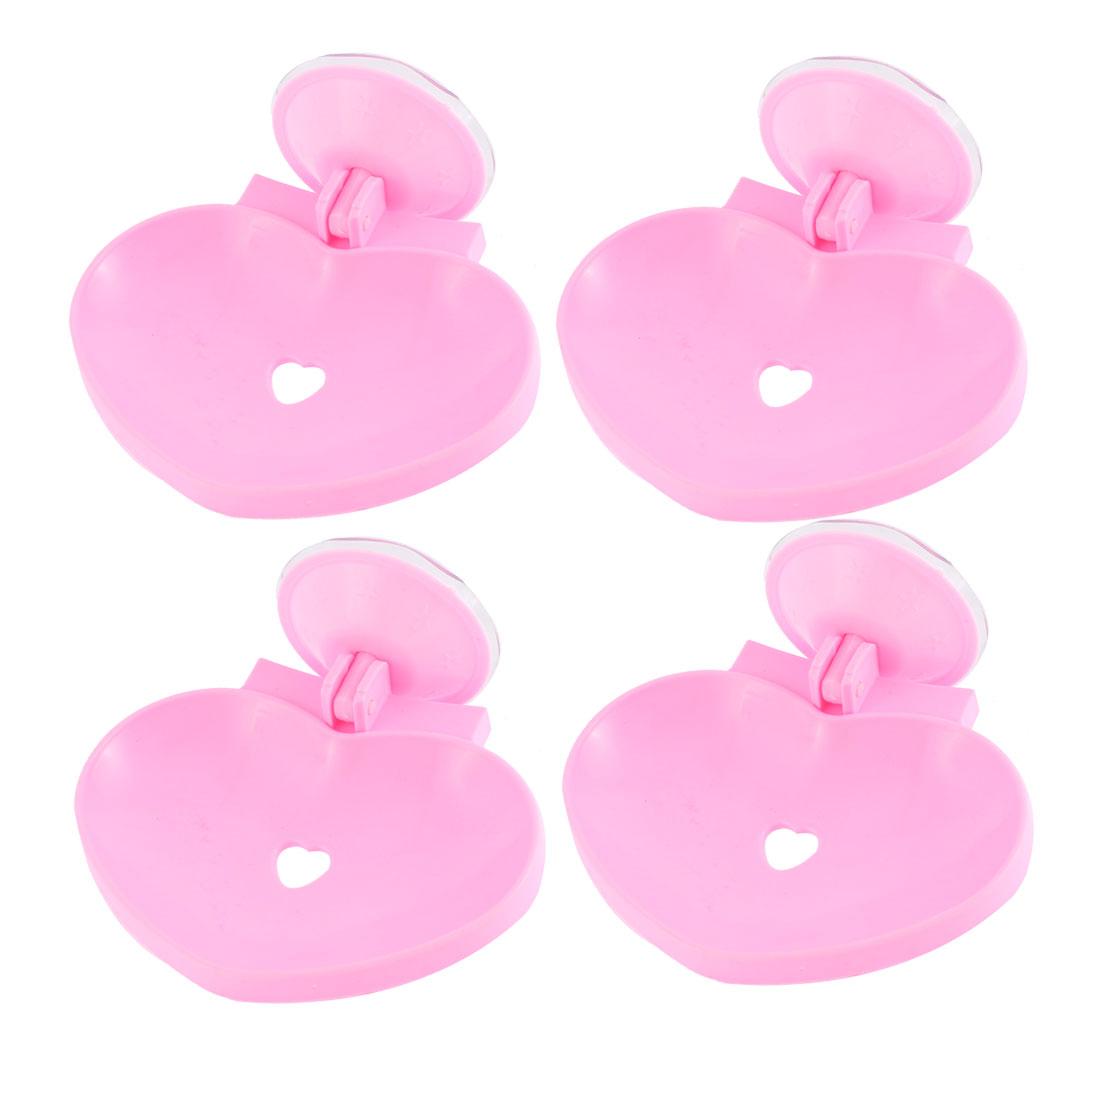 Unique Bargains Bathroom Plastic Heart Design Hollow Out Suction Cup Soap Holder Pink 4 Pcs